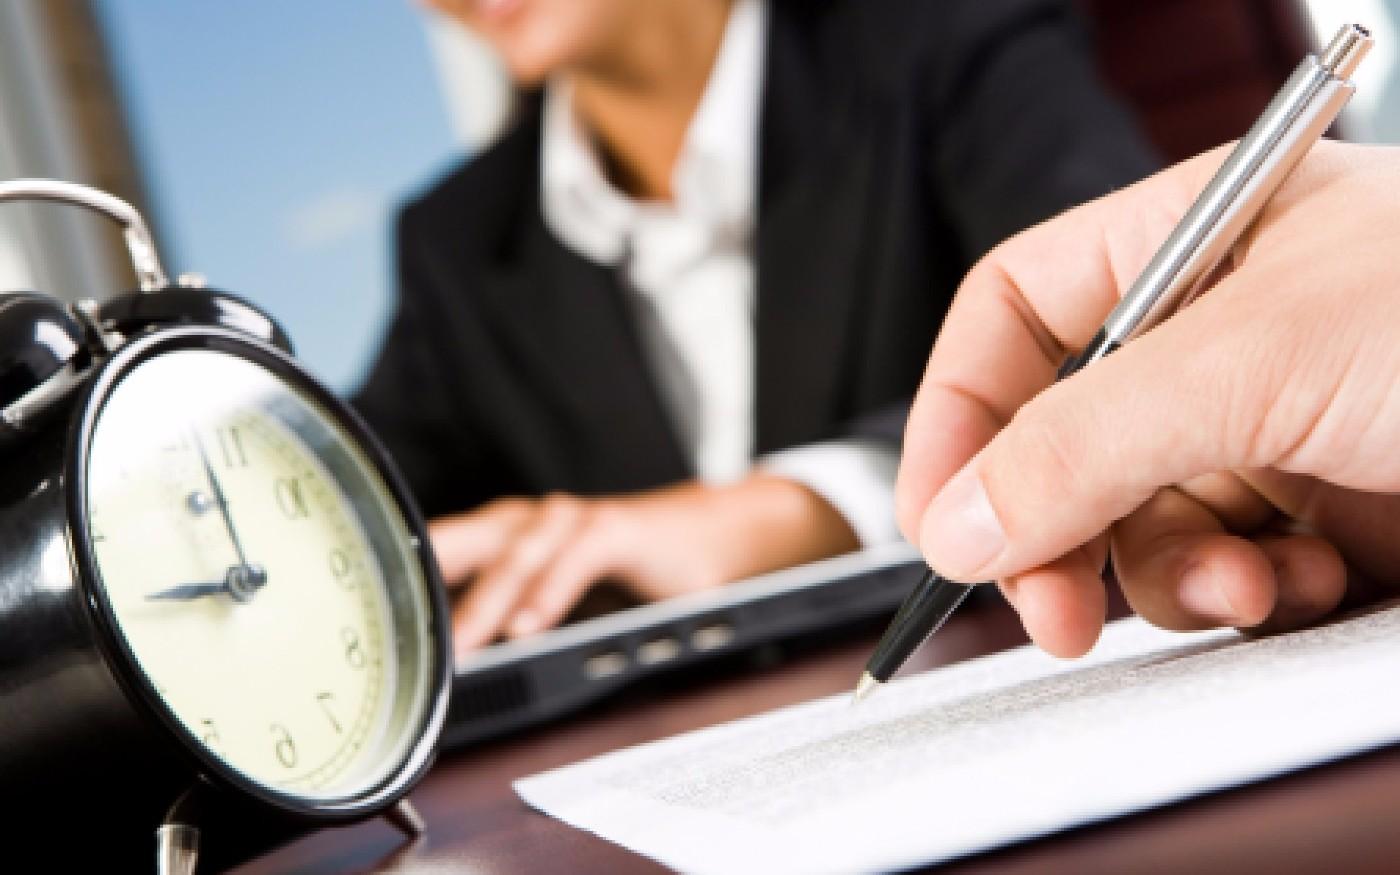 Претензия к страховой компании по ОСАГО образец - неустойка мало выплатили нарушение сроков